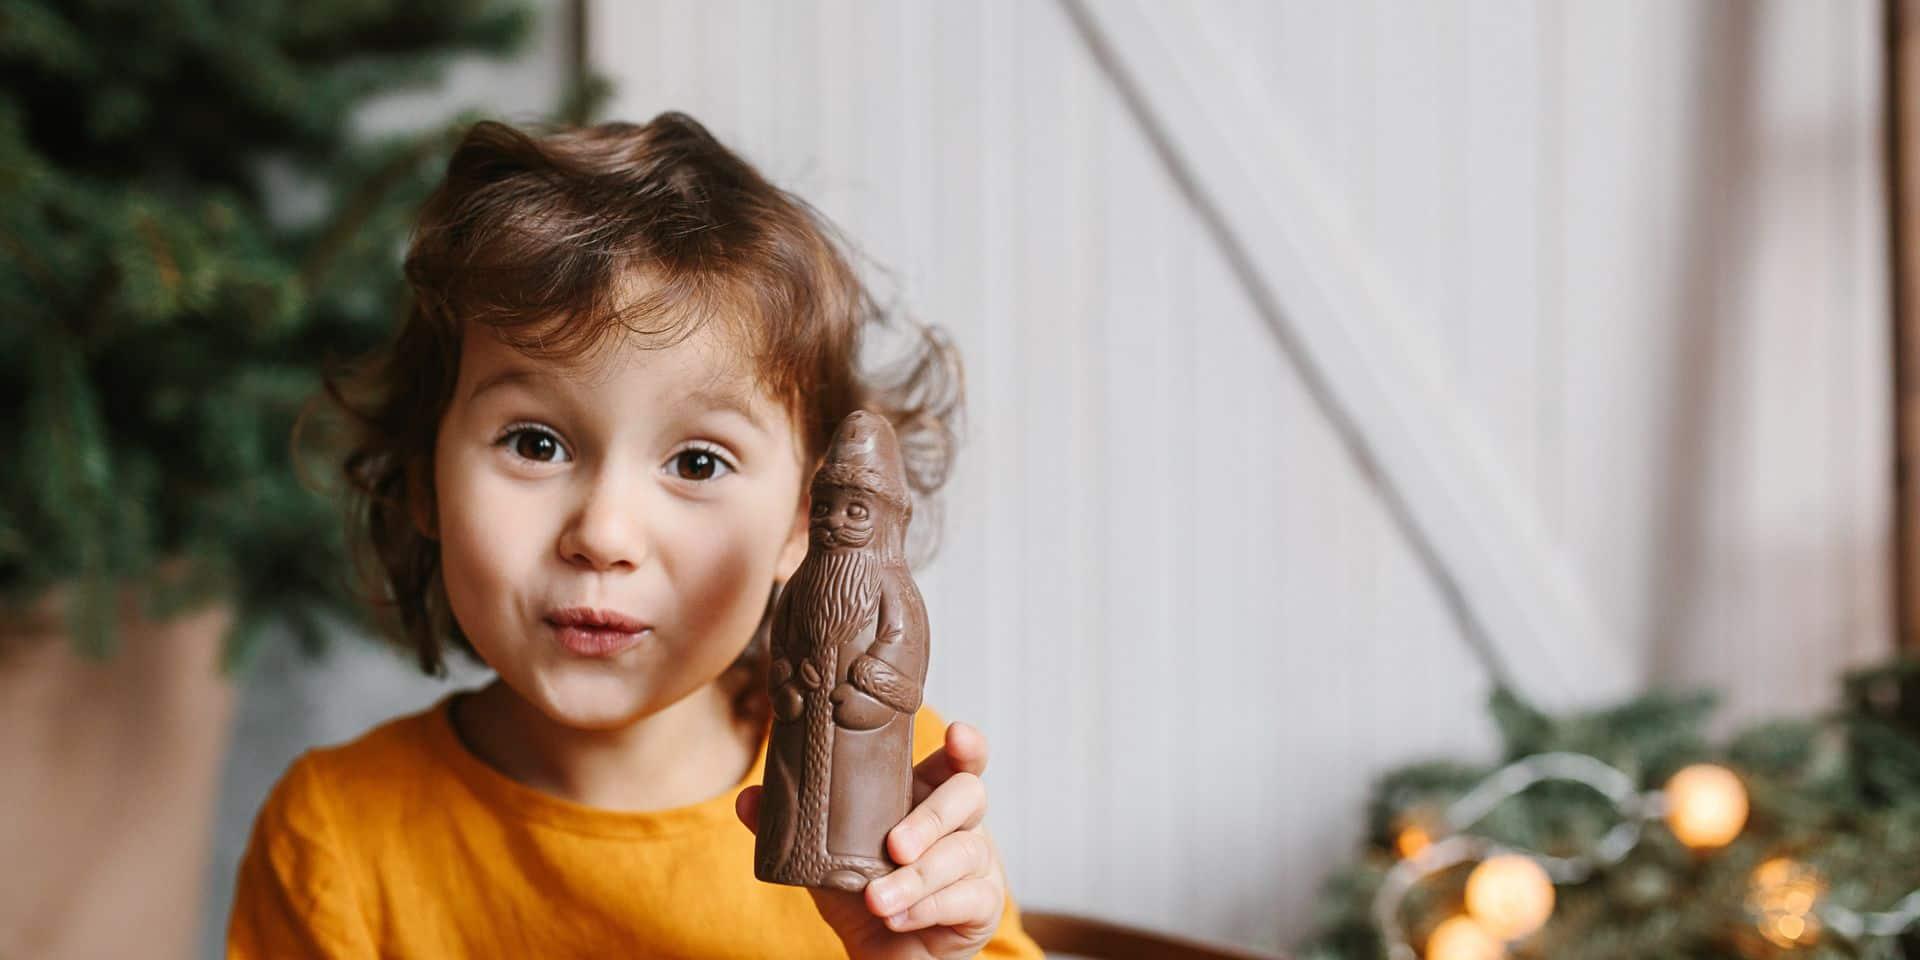 Les jouets de Saint-Nicolas ne sont pas arrivés à temps : que dire aux enfants ?